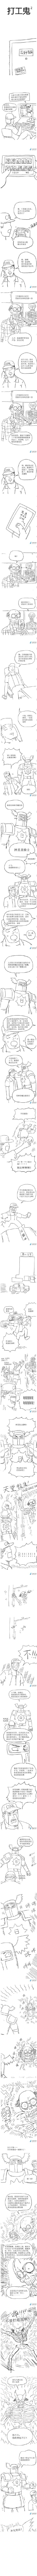 孙渣漫画,简单粗暴,现实又好看-91-『游乐宫』Youlegong.com 第3张